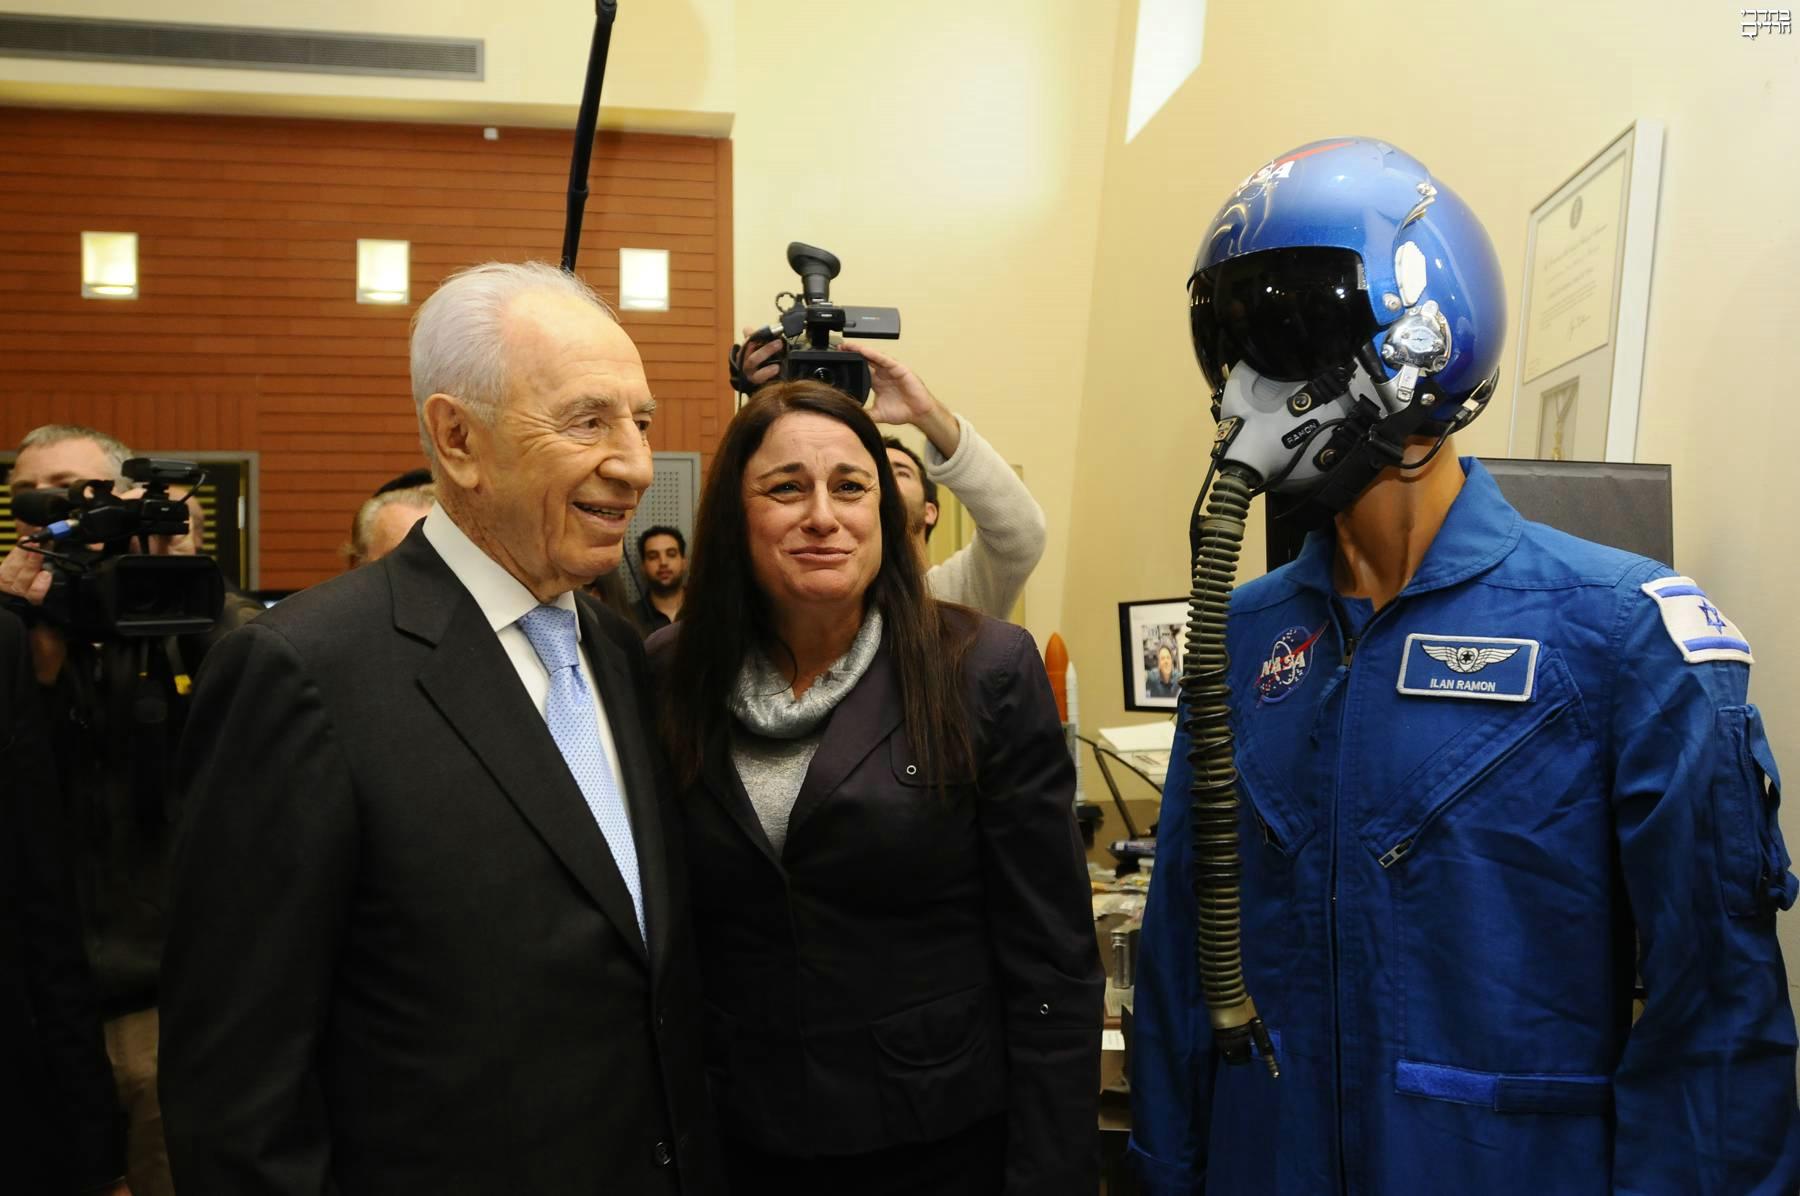 חללית עם פסוק • חללית ישראלית תשוגר לירח